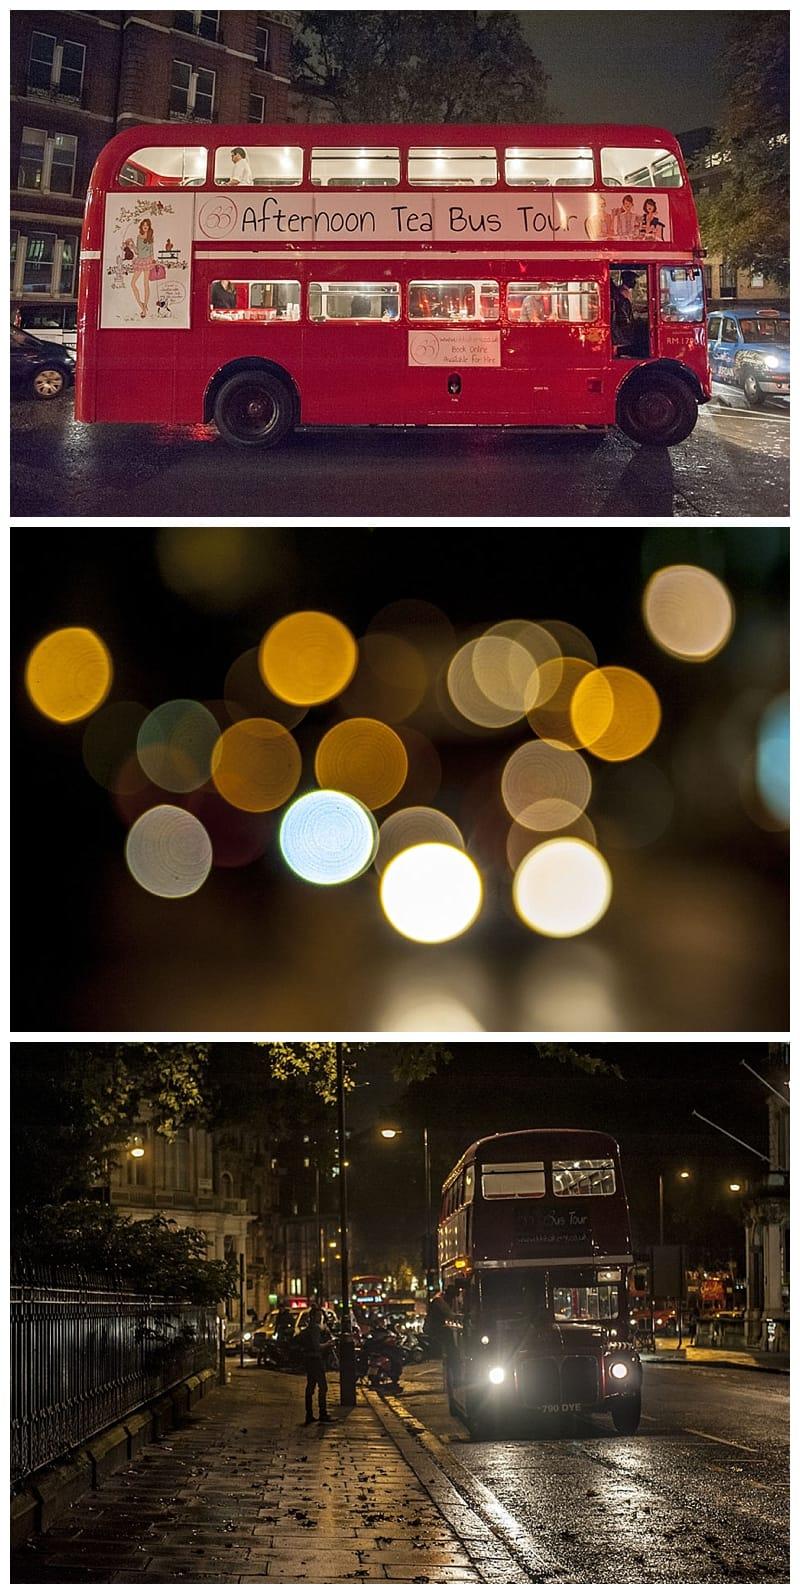 vida-hotels-afternoon-tea-bus-tour-benjamin-wetherall-photography-0001